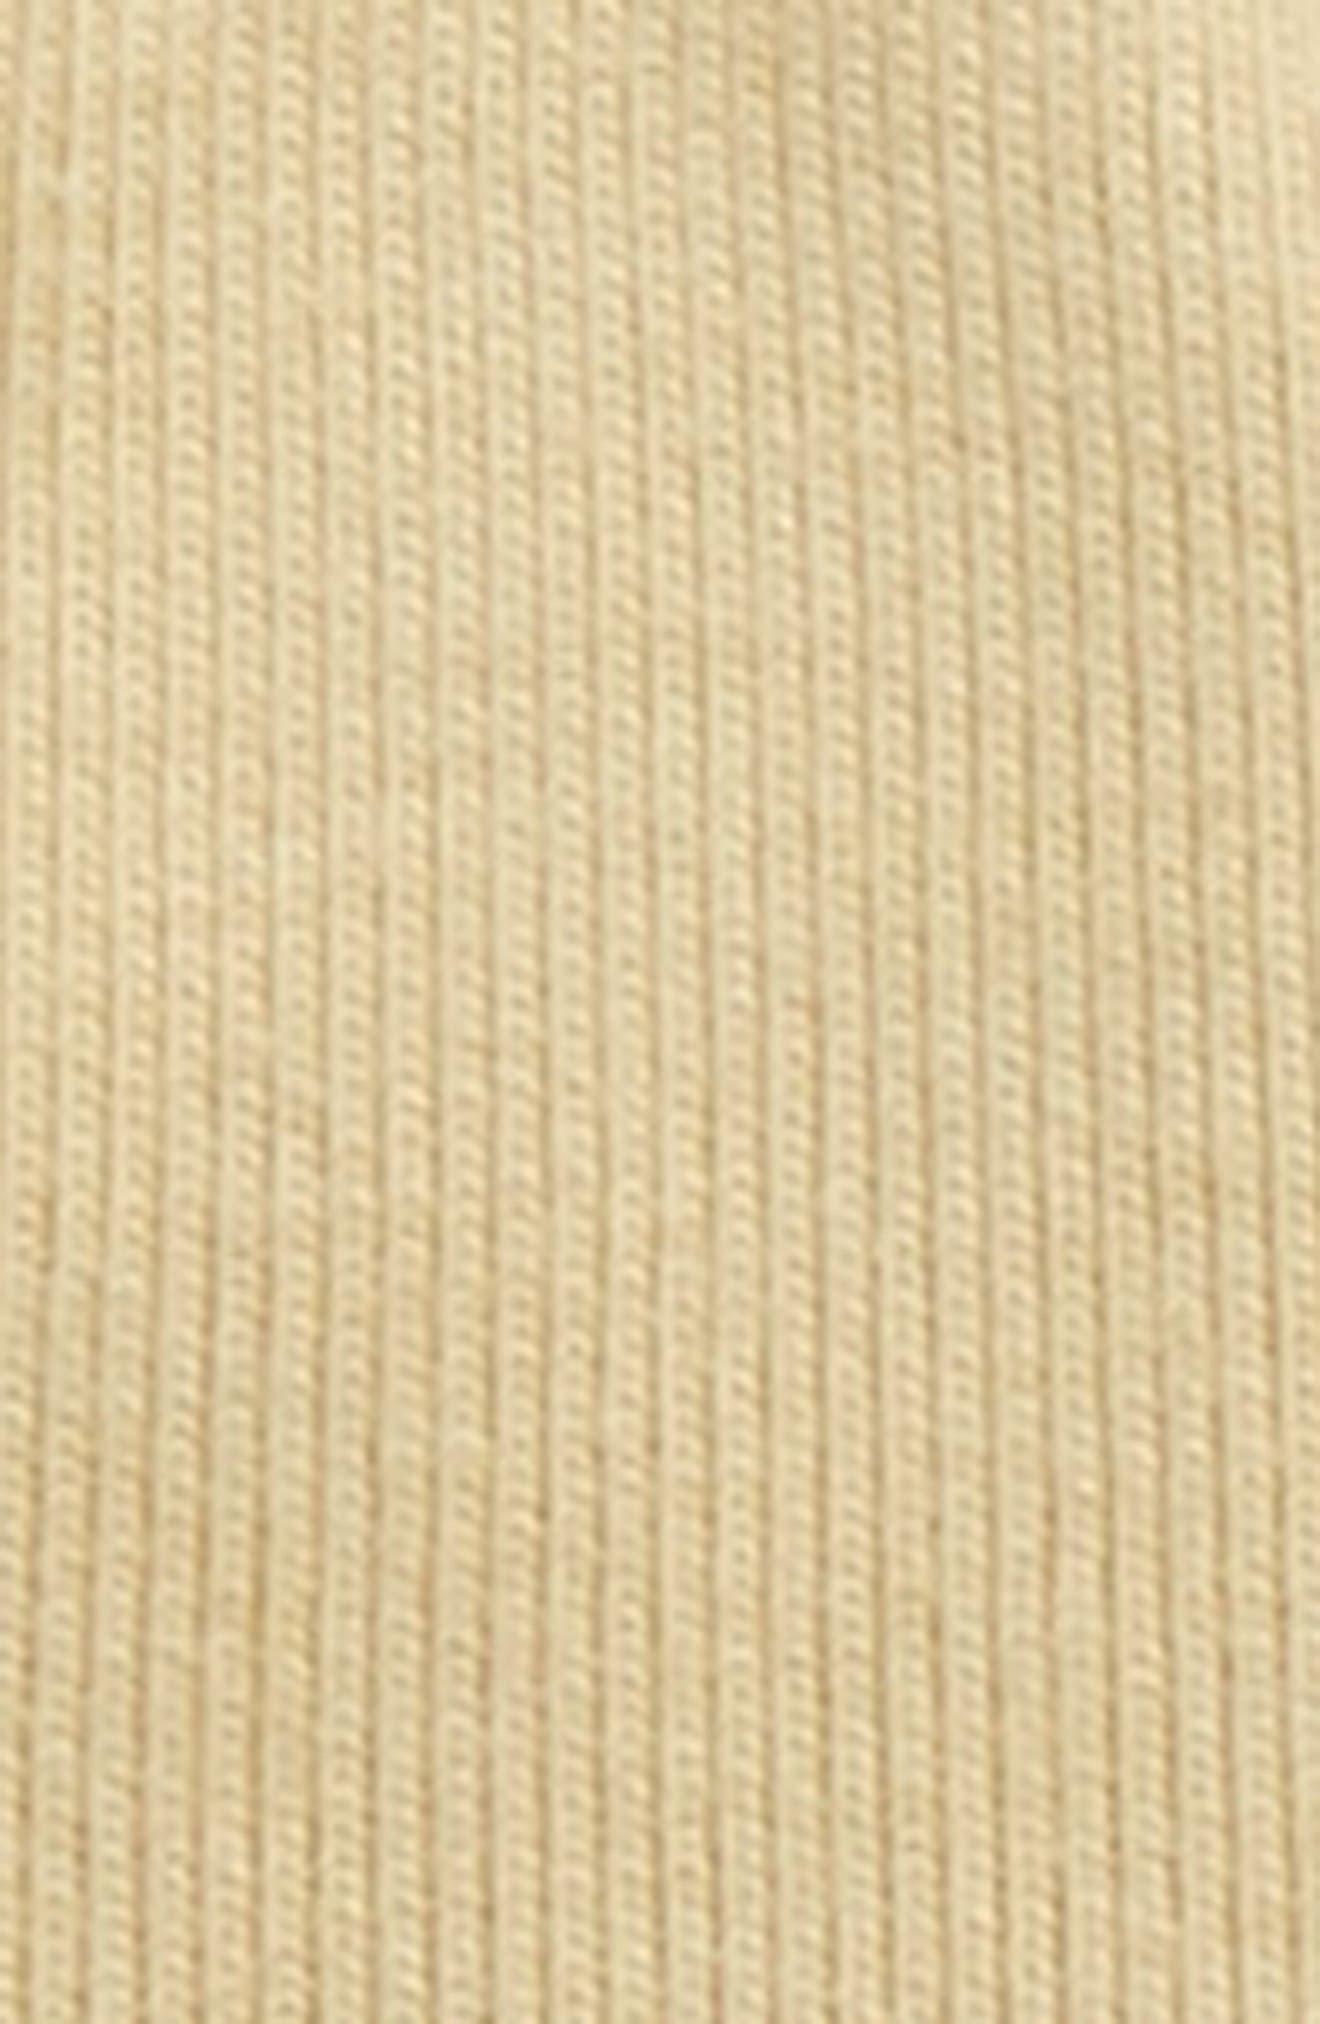 2-Pack Dress Liner Socks,                             Alternate thumbnail 4, color,